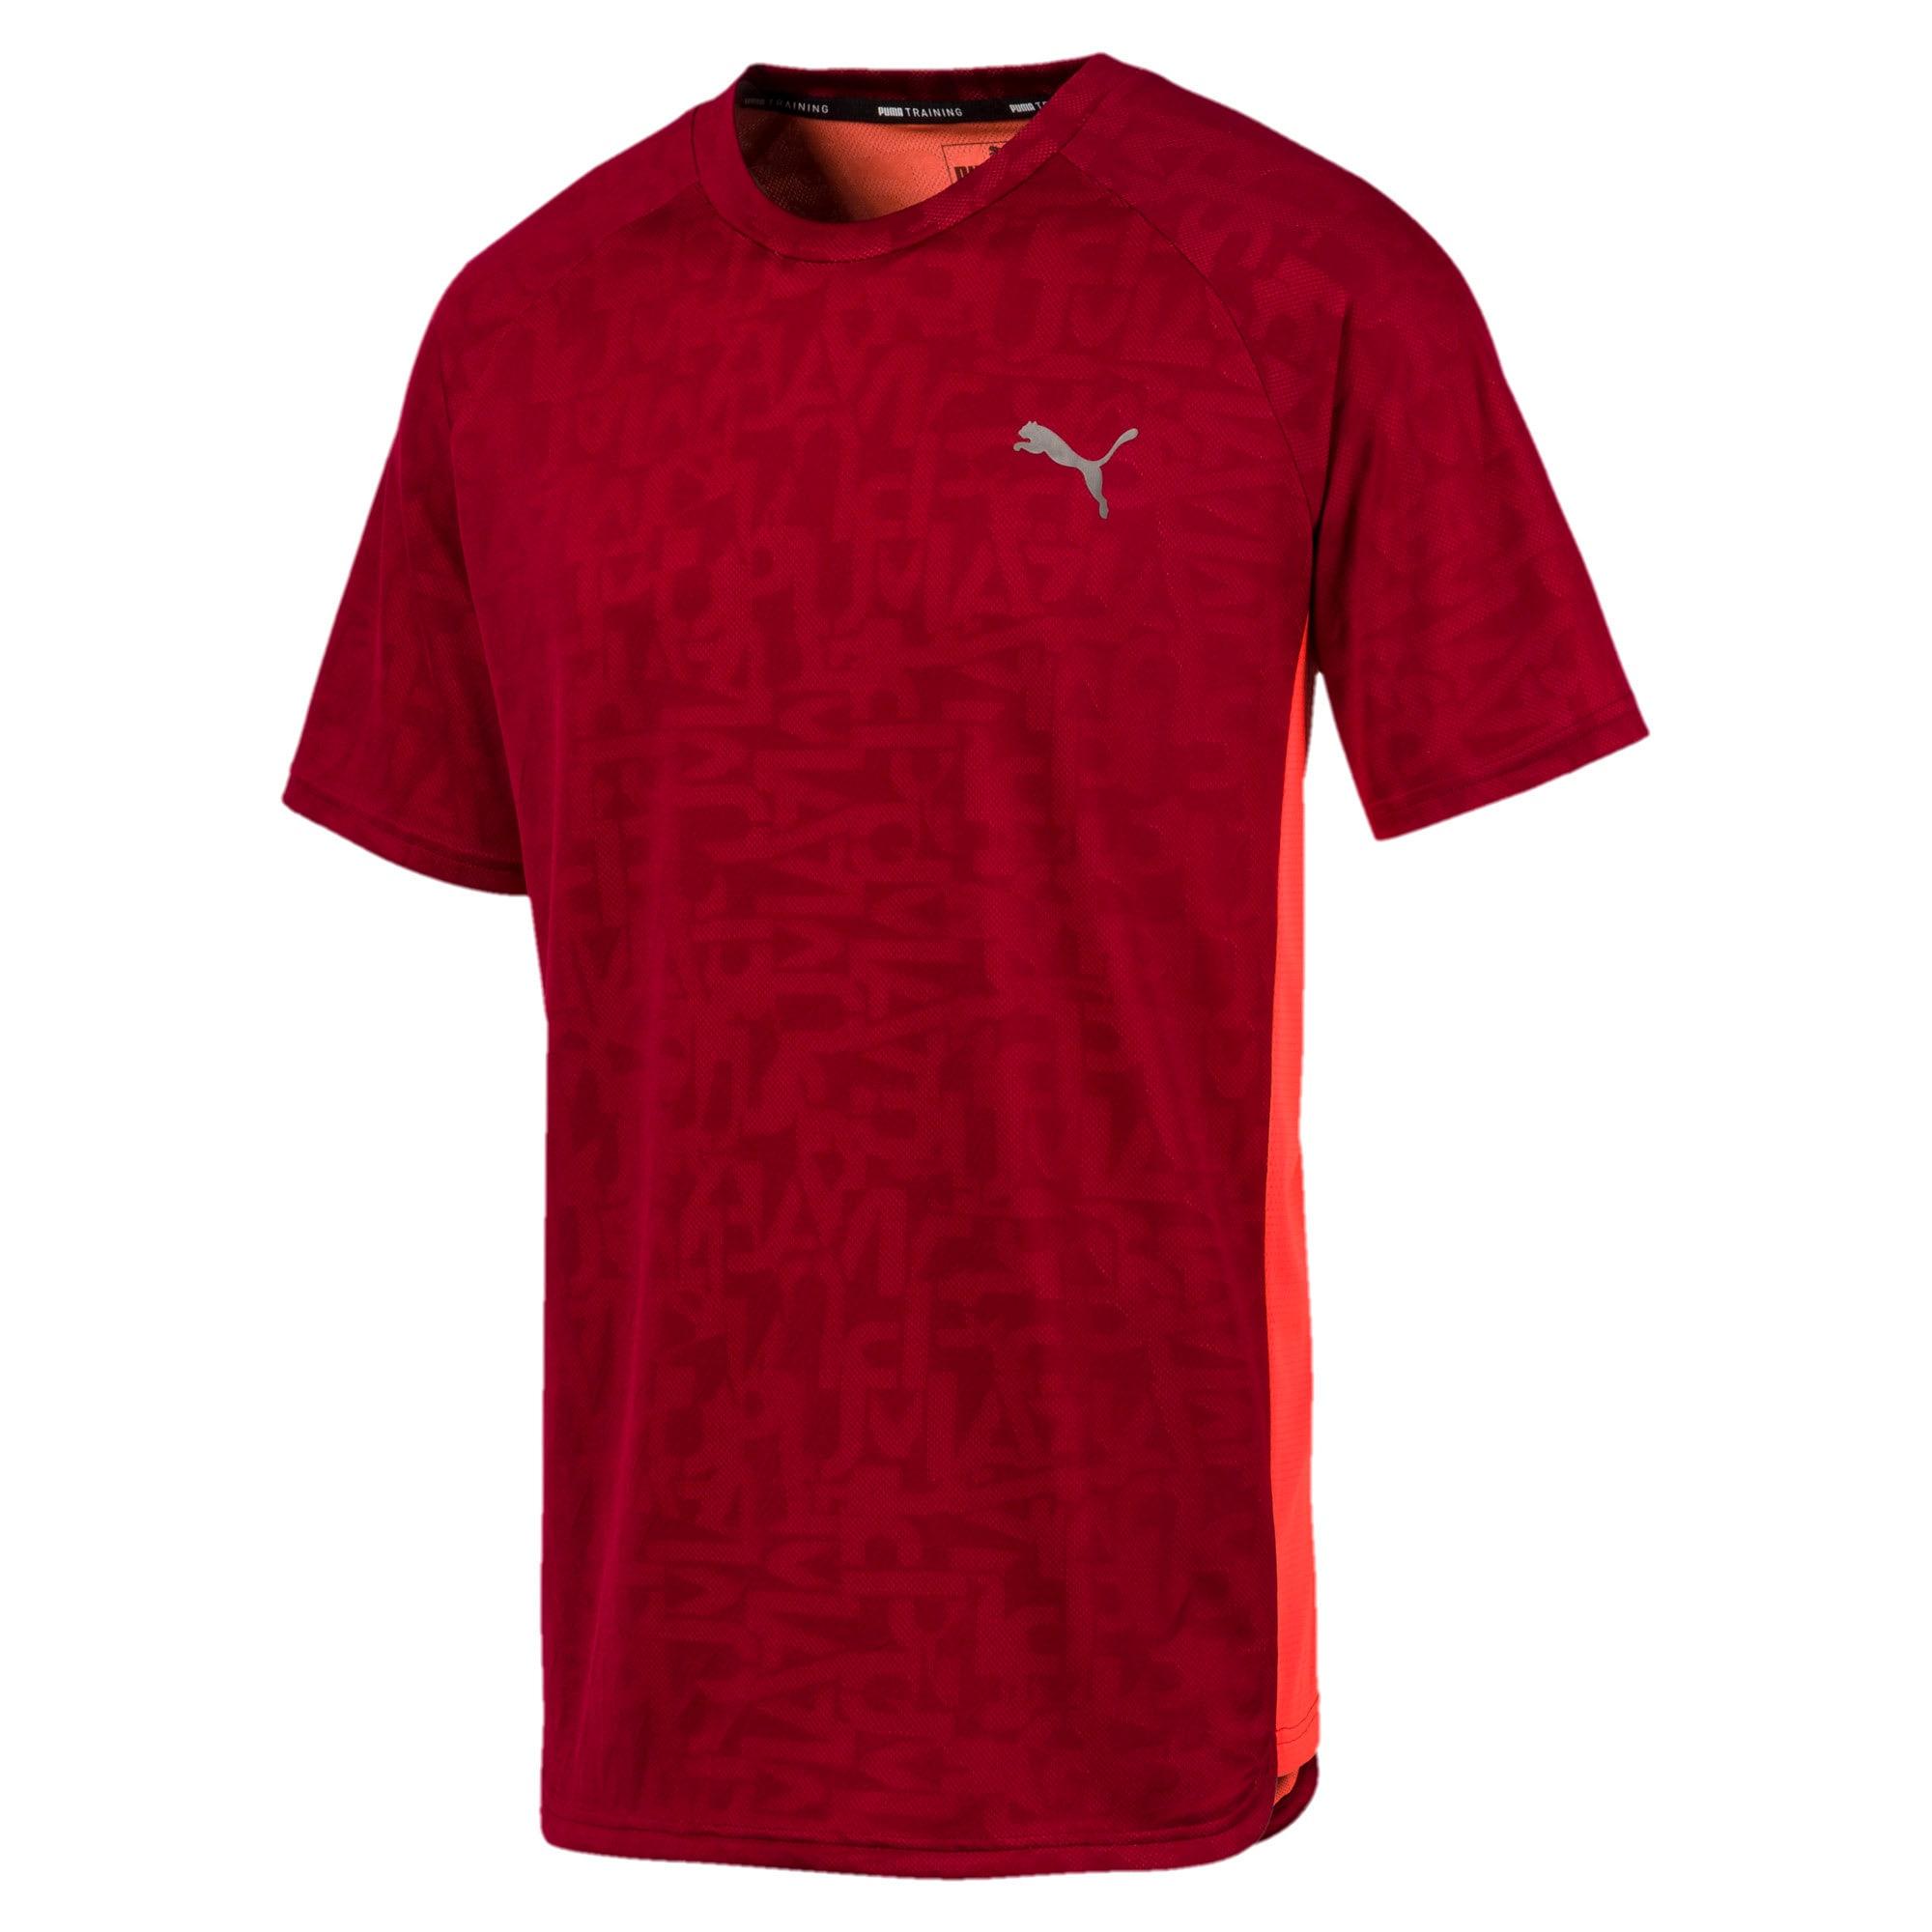 Miniatura 4 de Camiseta Power Vent para hombre, Rhubarb, mediano